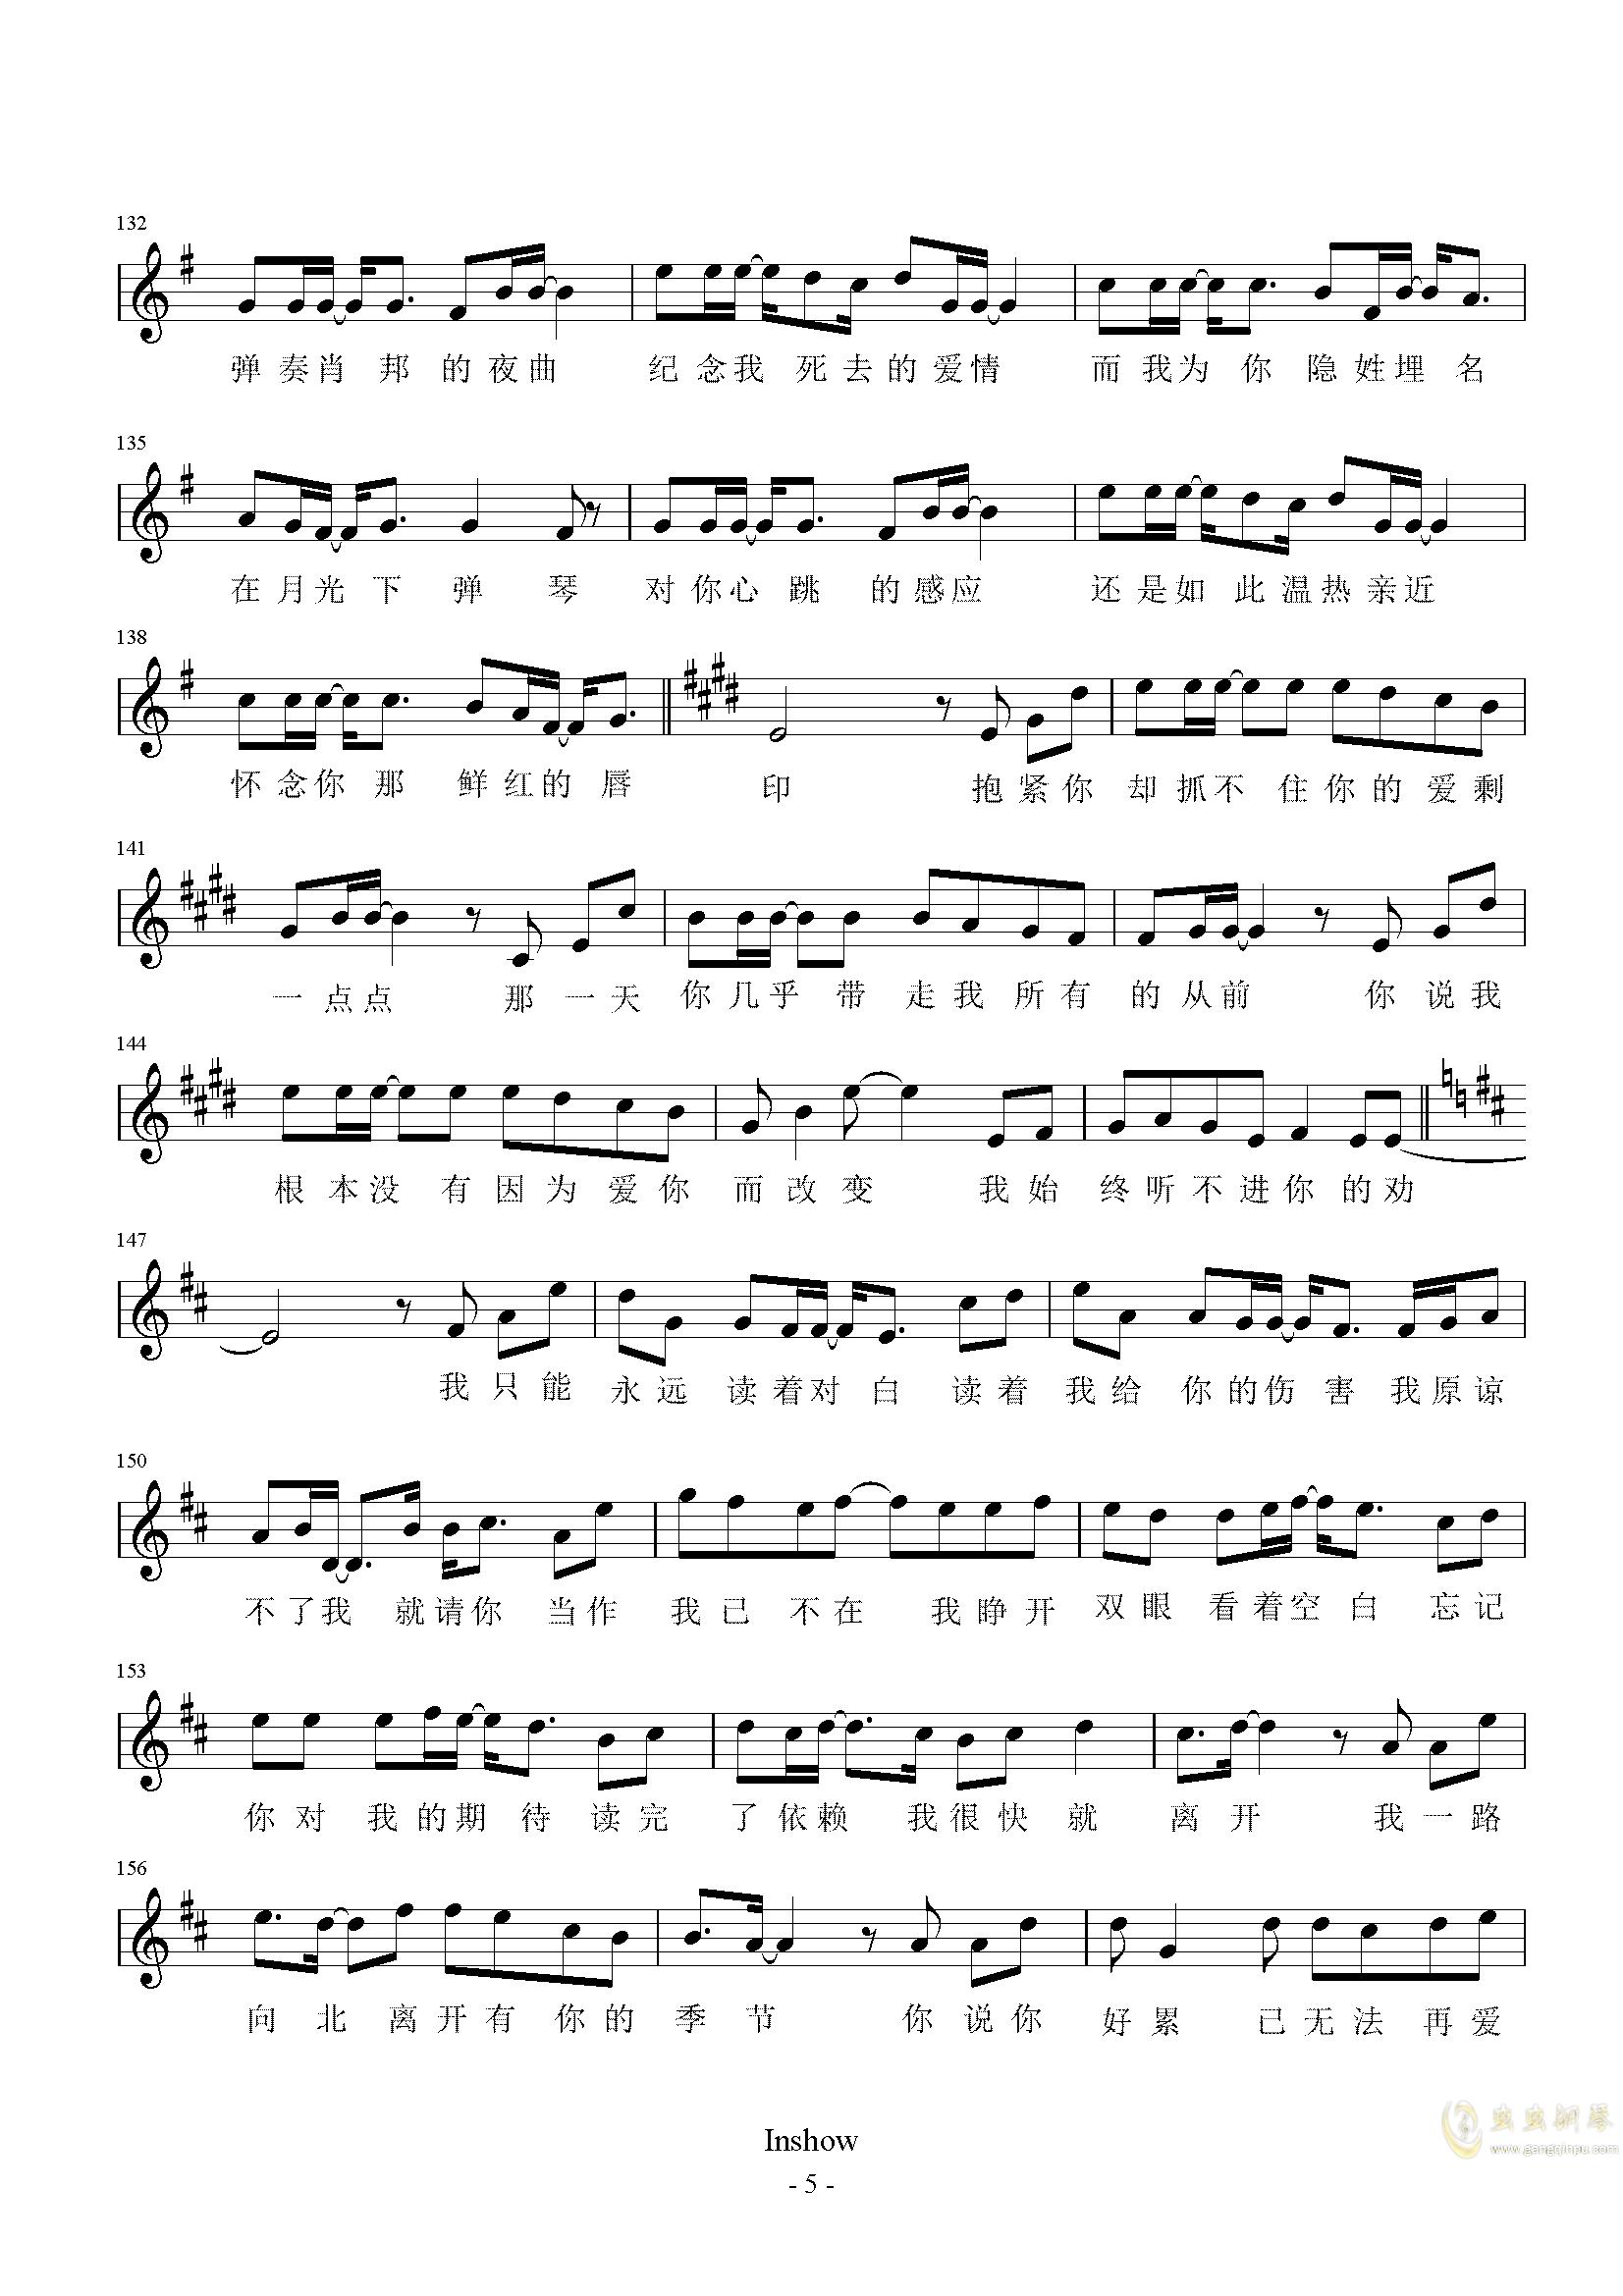 周杰伦情歌串烧钢琴谱 第5页